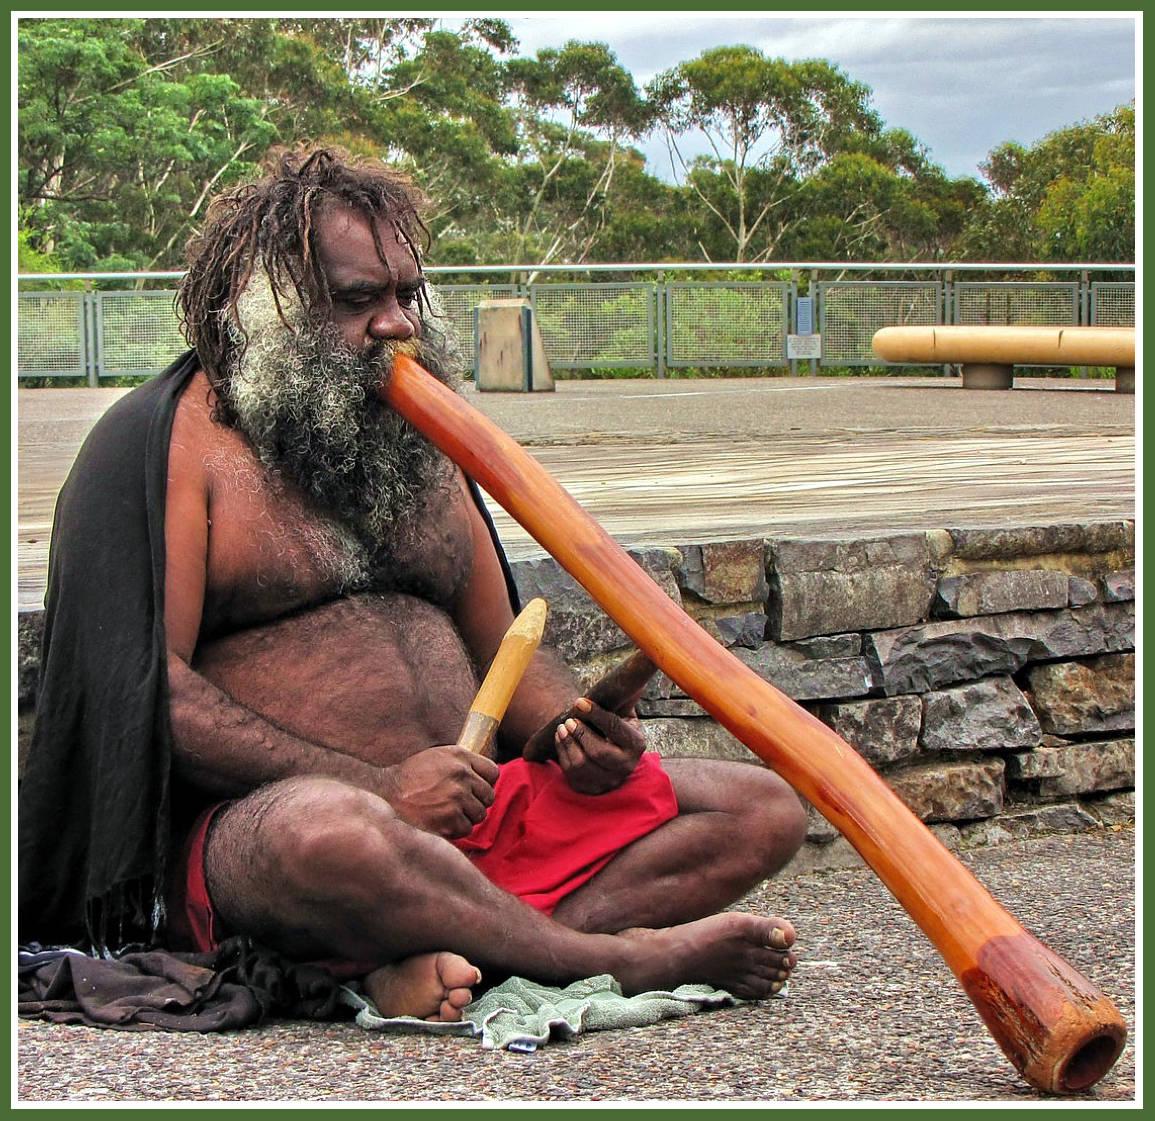 Австралия (Australia)